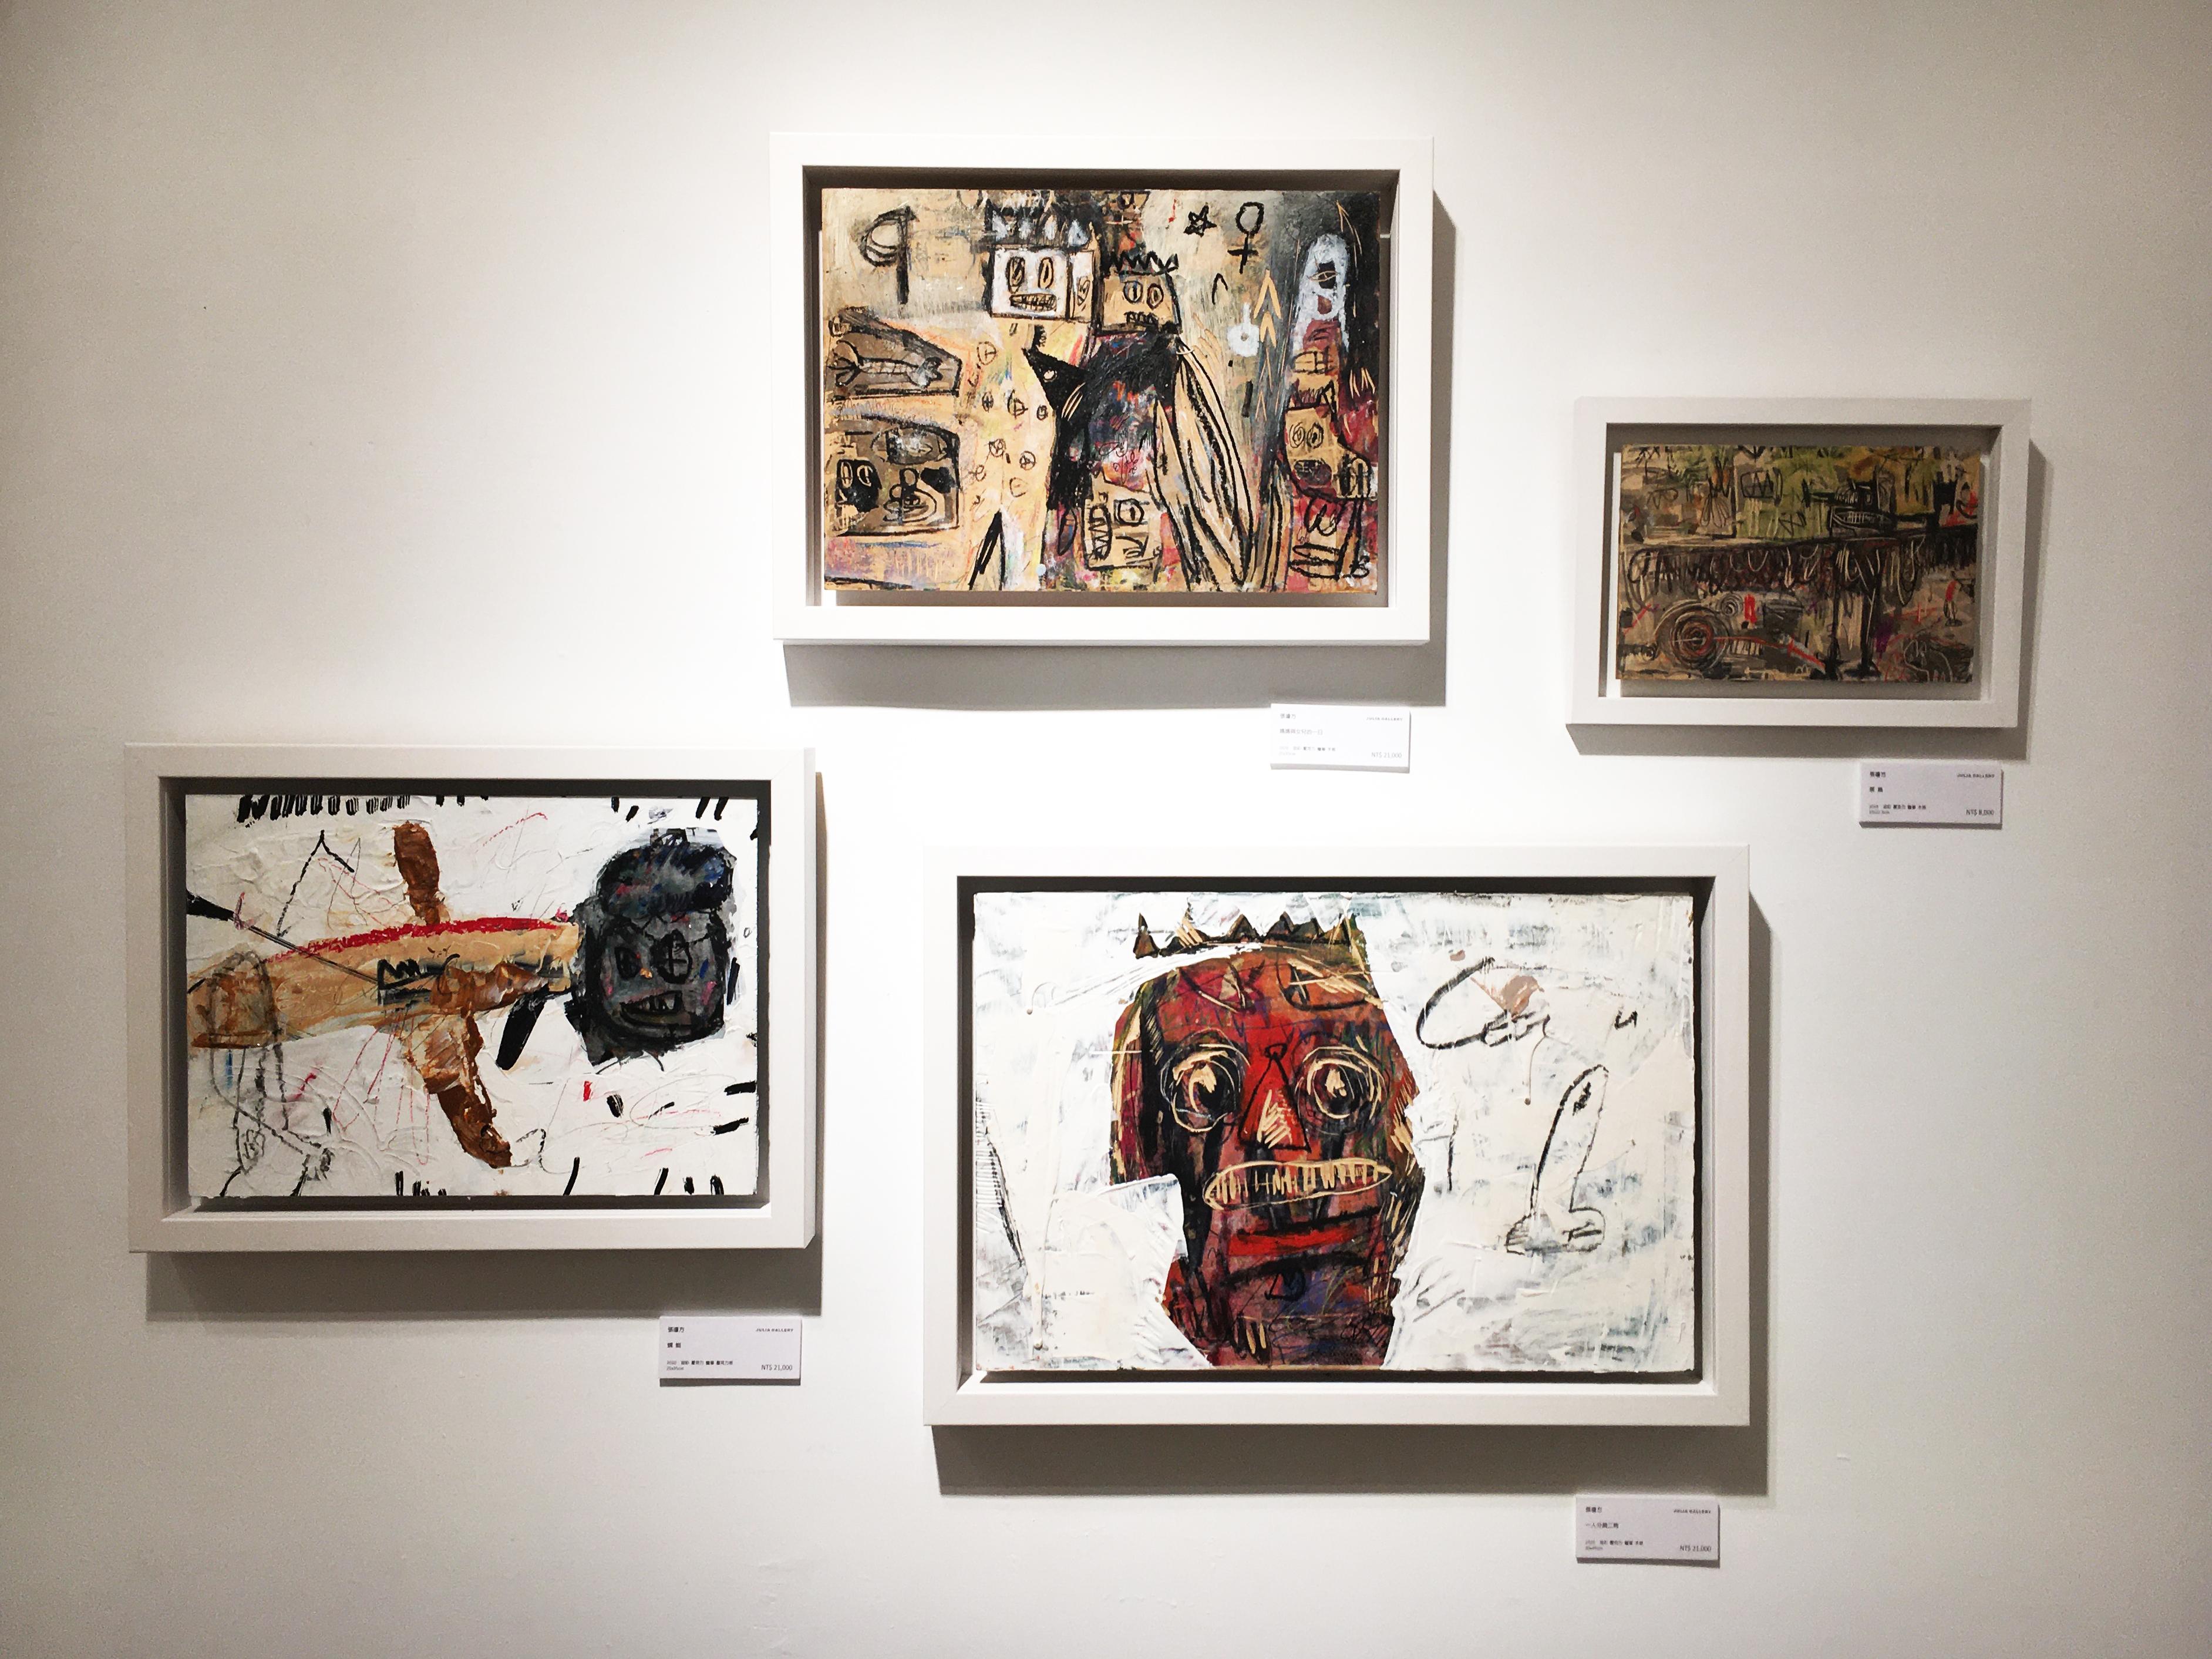 雅藝藝術中心展出藝術家張瓊方系列作品。